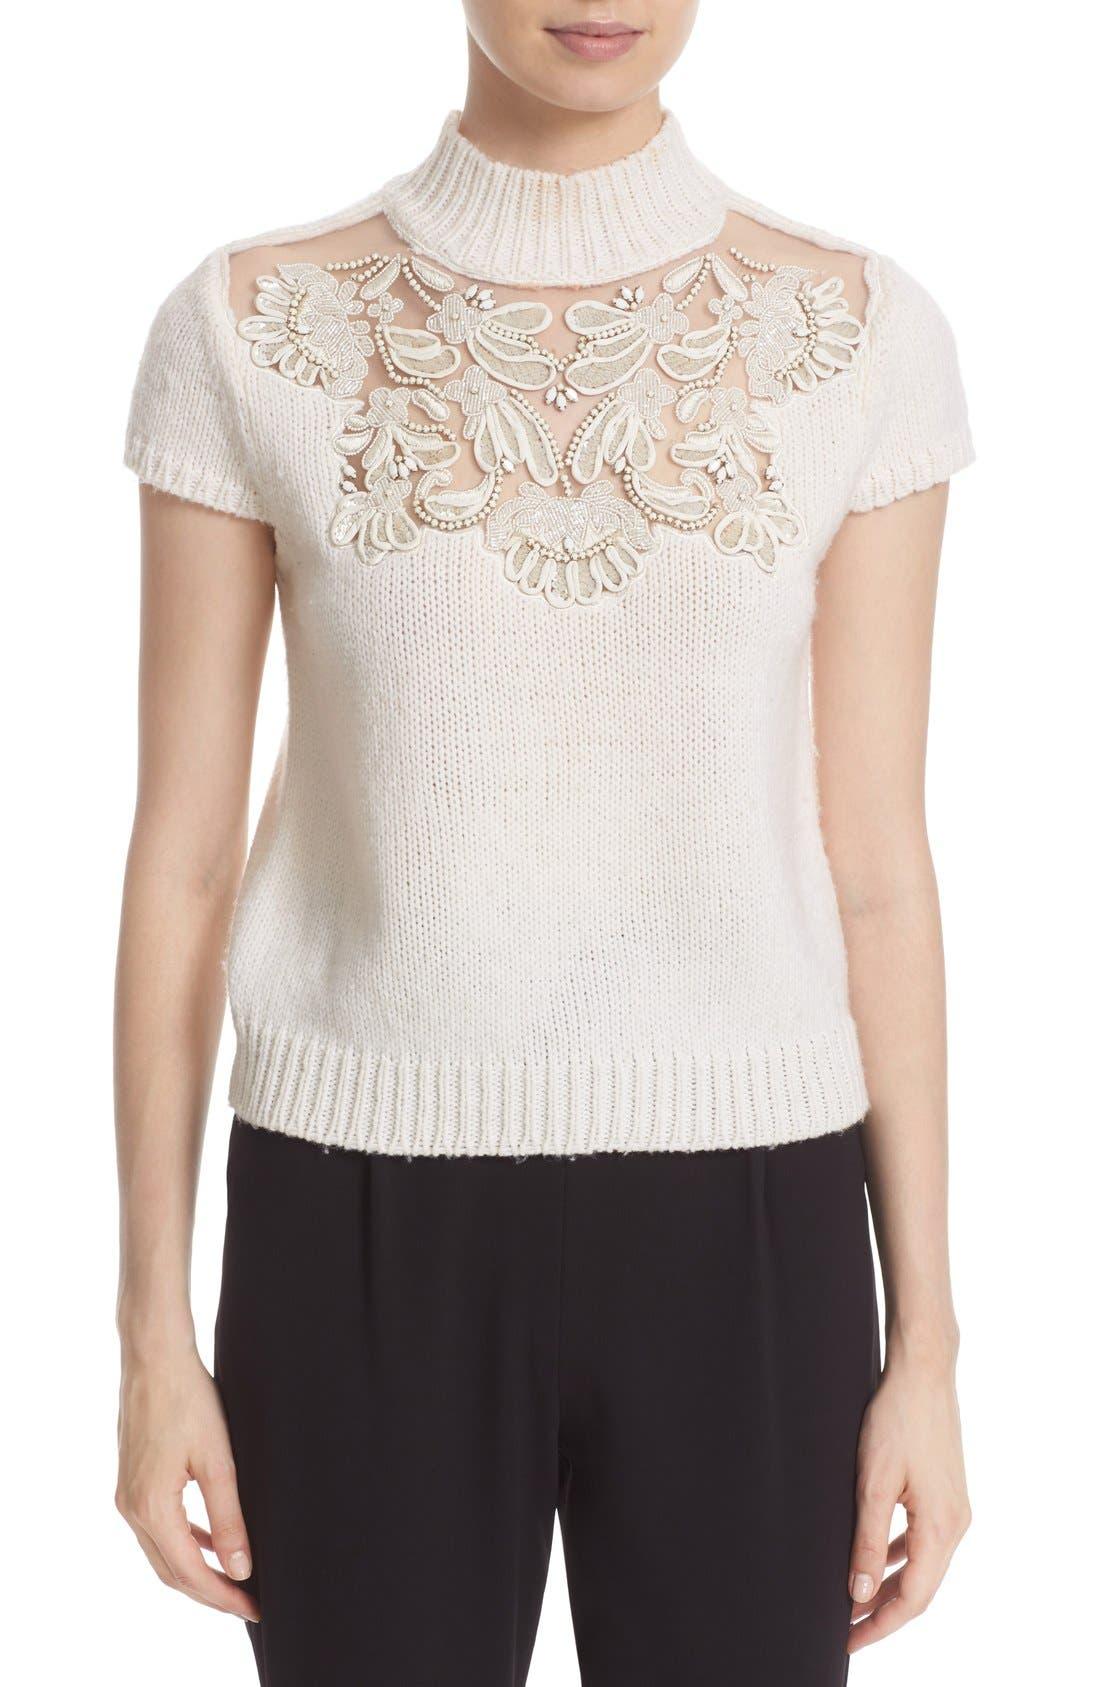 Alternate Image 1 Selected - Alice + Olivia 'Carla' Embellished Yoke Mock Neck Sweater